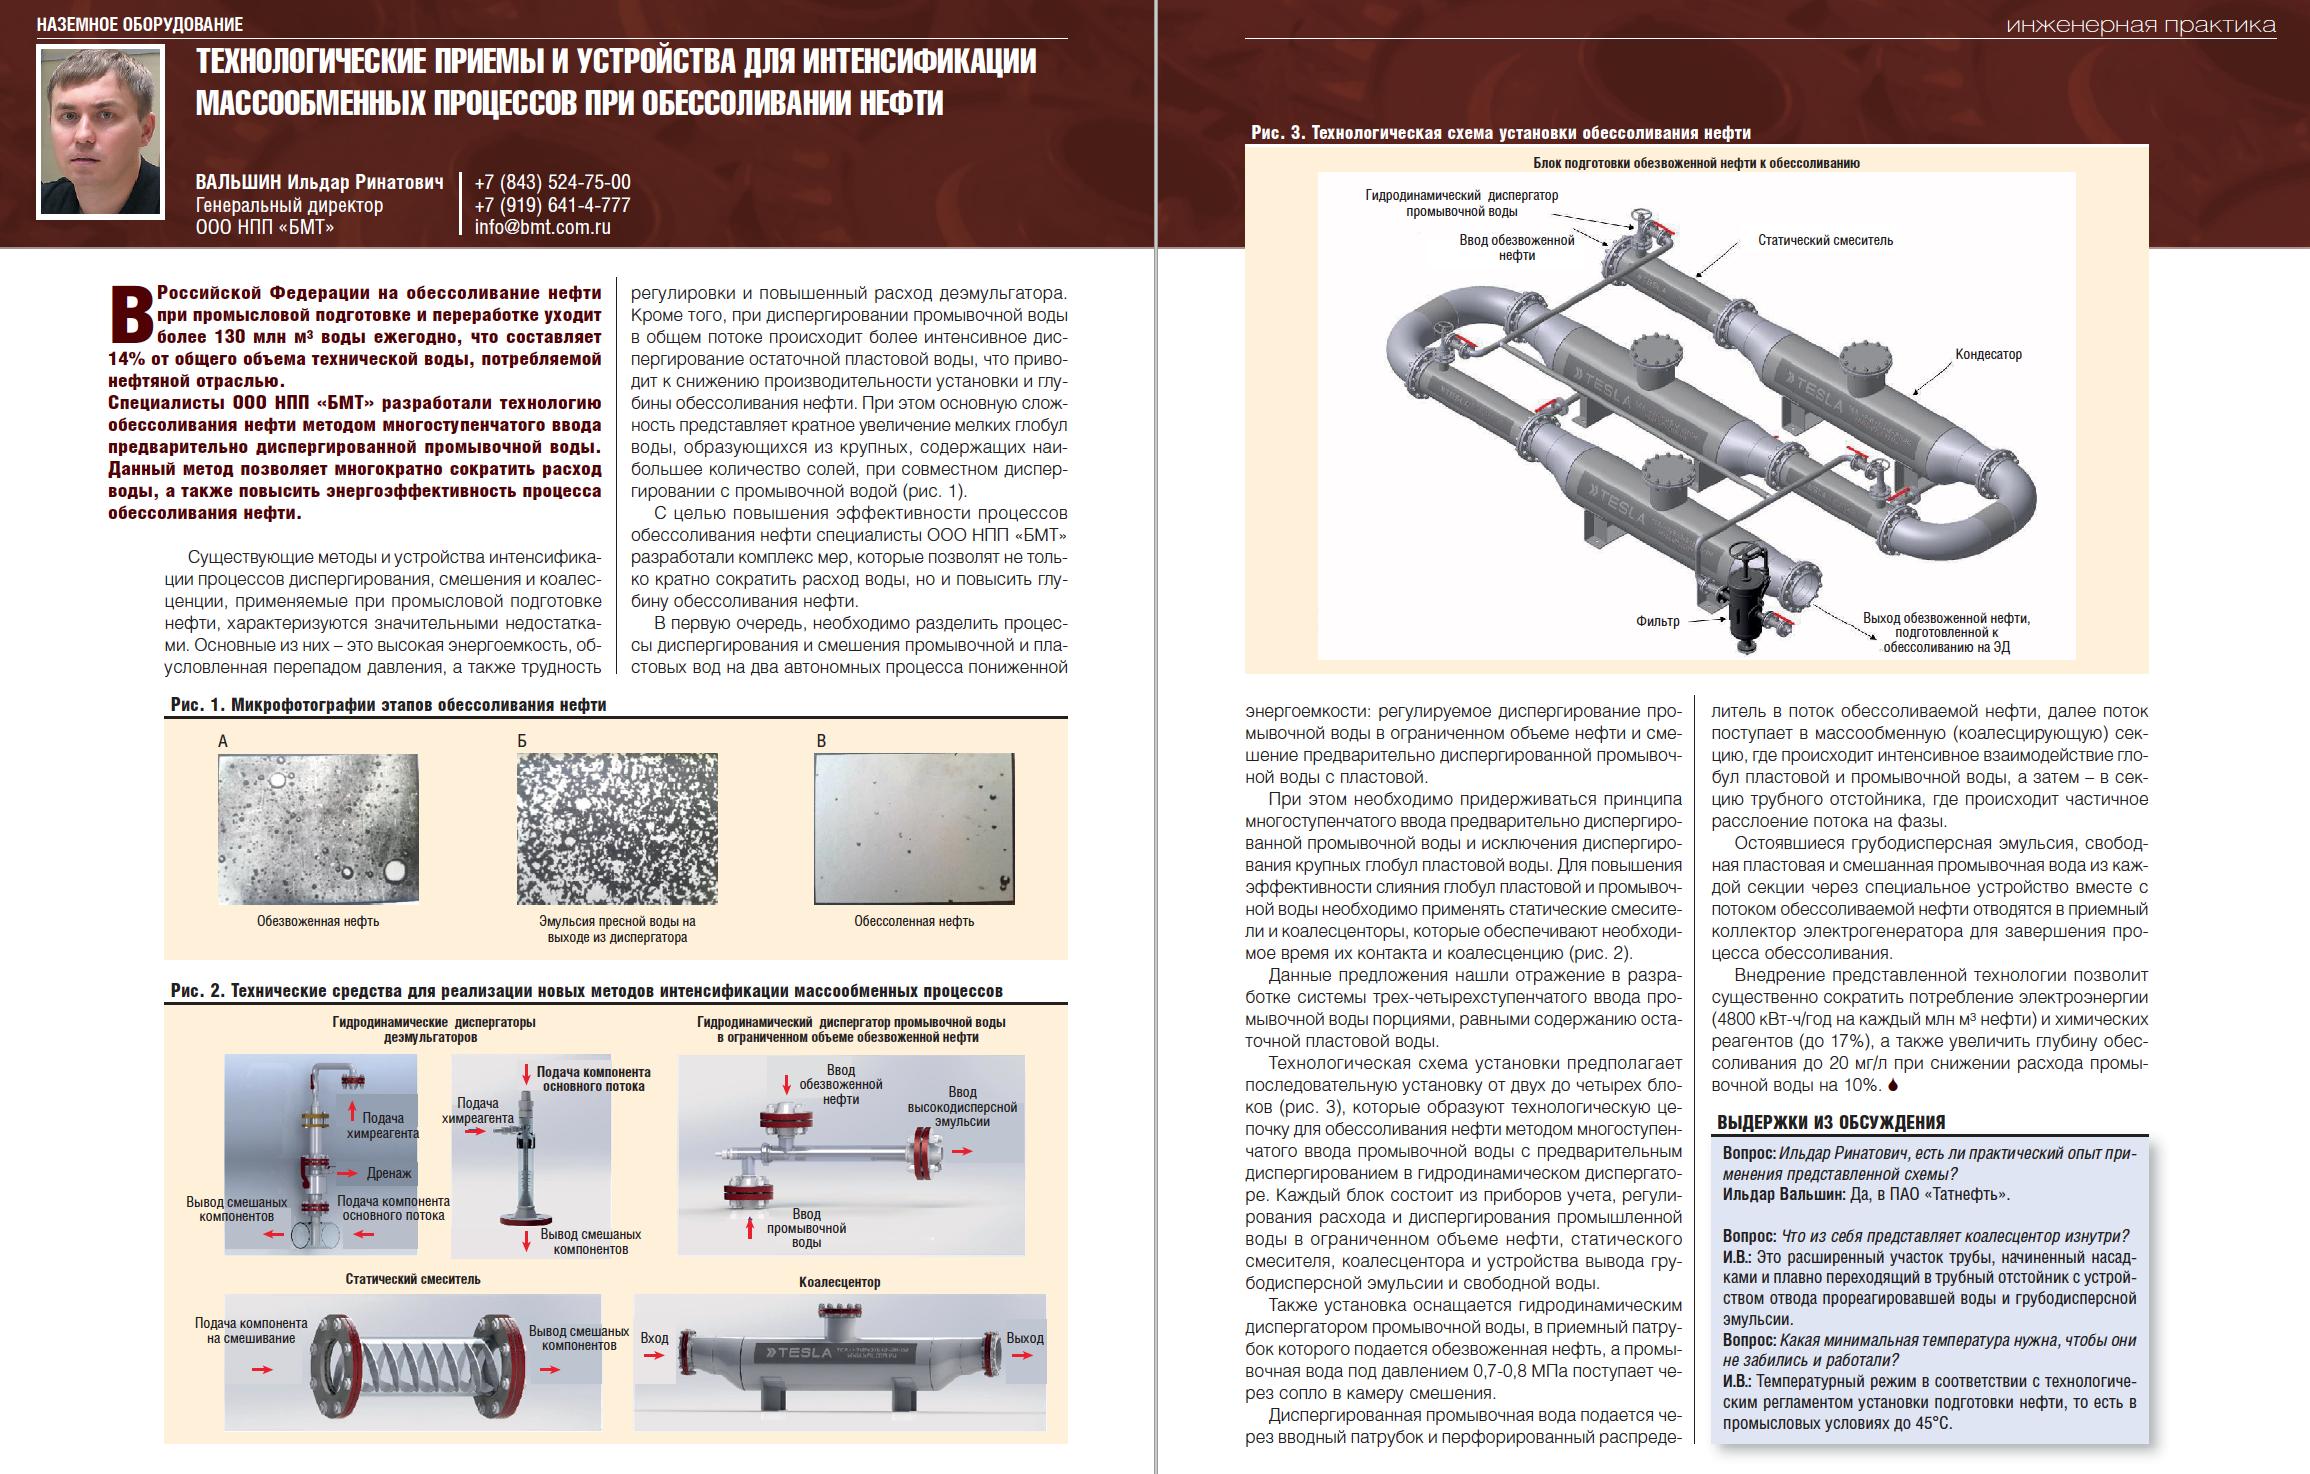 28137 Технологические приемы и устройства для интенсификации массообменных процессов при обессоливании нефти